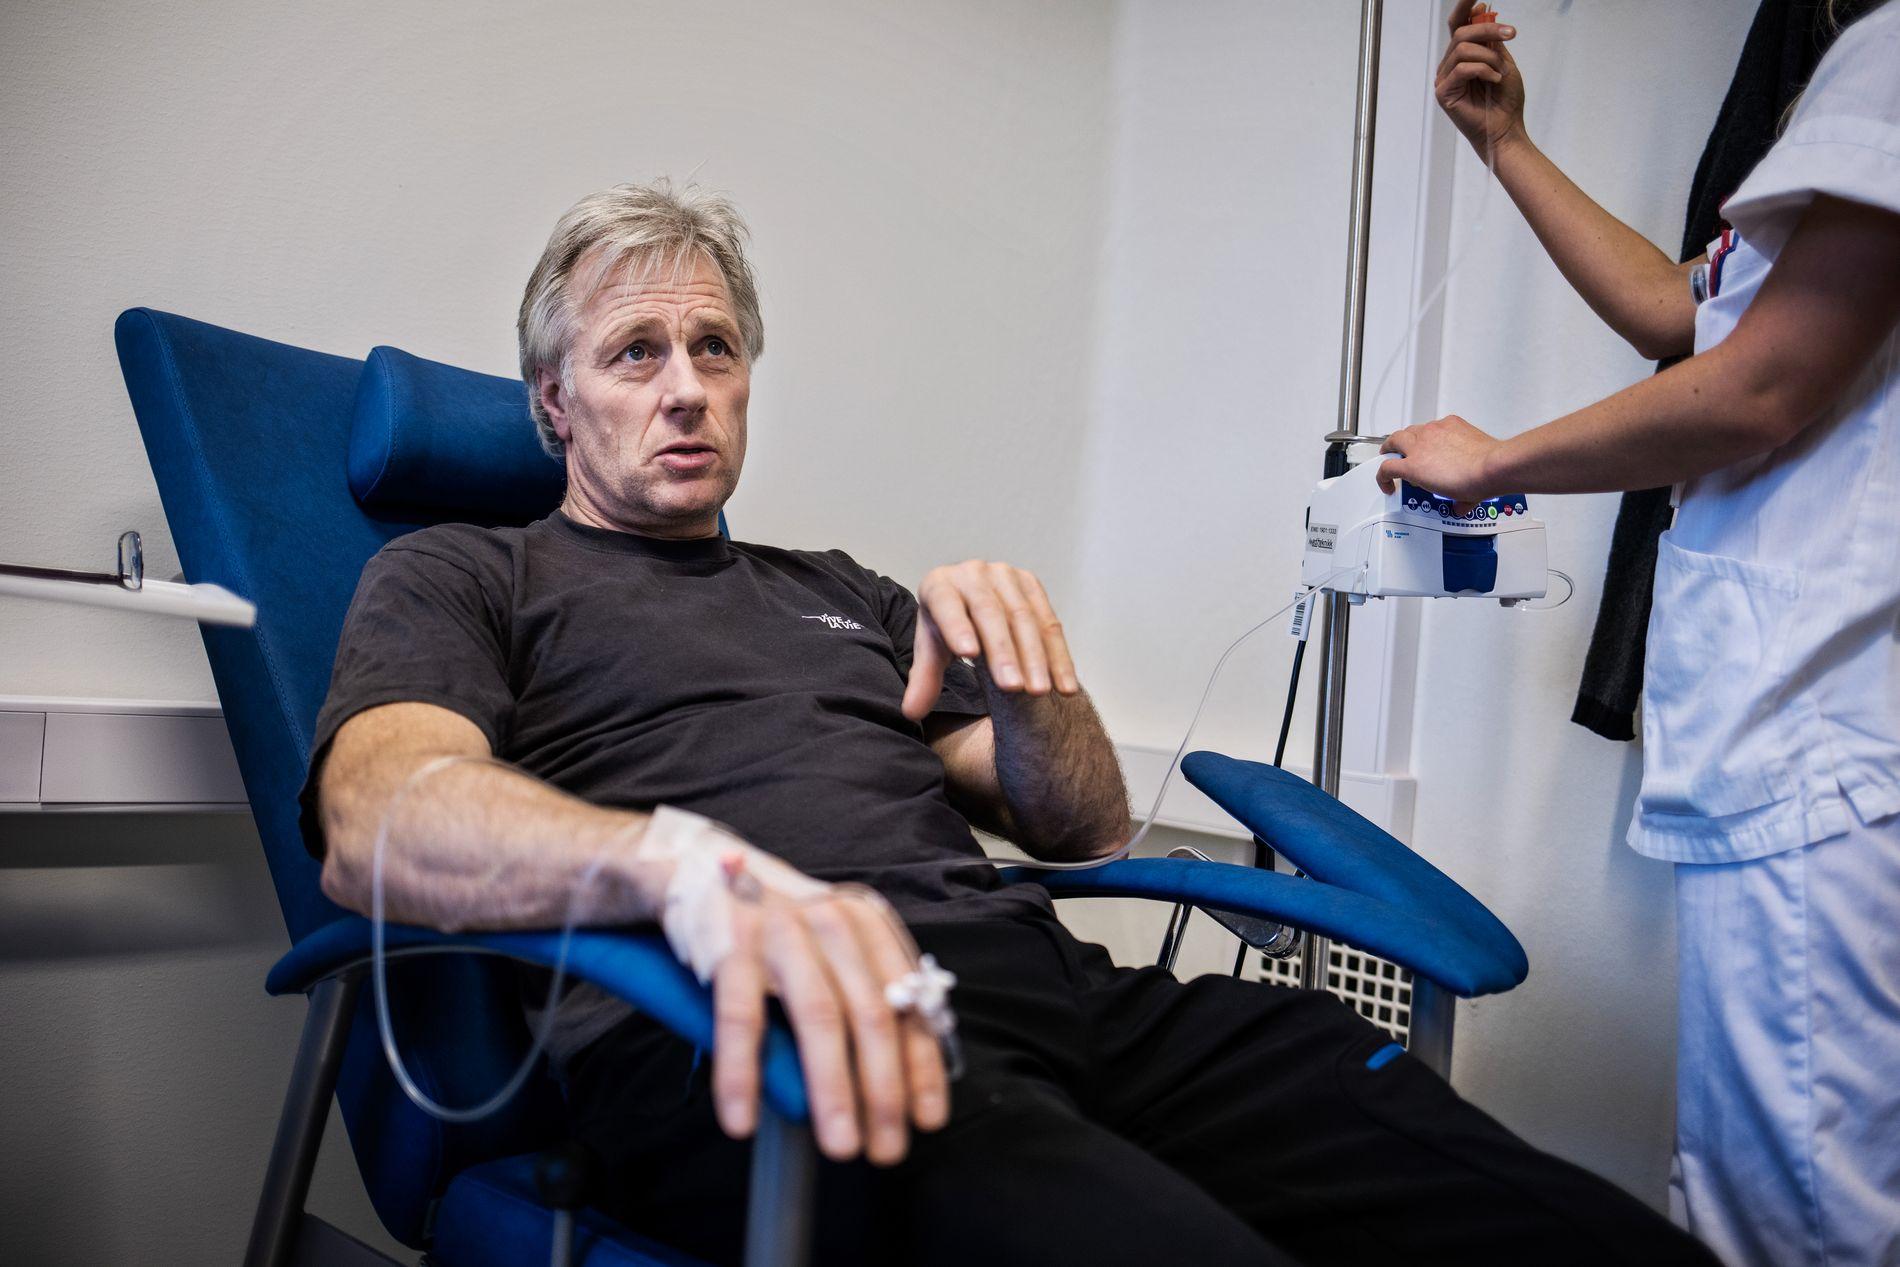 FRUSTRERT: Kreftsyke Jørn Dybdahl sier SAS opptrer hensynløst når de kansellerer fly fra Longyearbyen. Her er 56-åringen avbildet i fjor under et behandlingsopphold hos Aleris i Oslo.